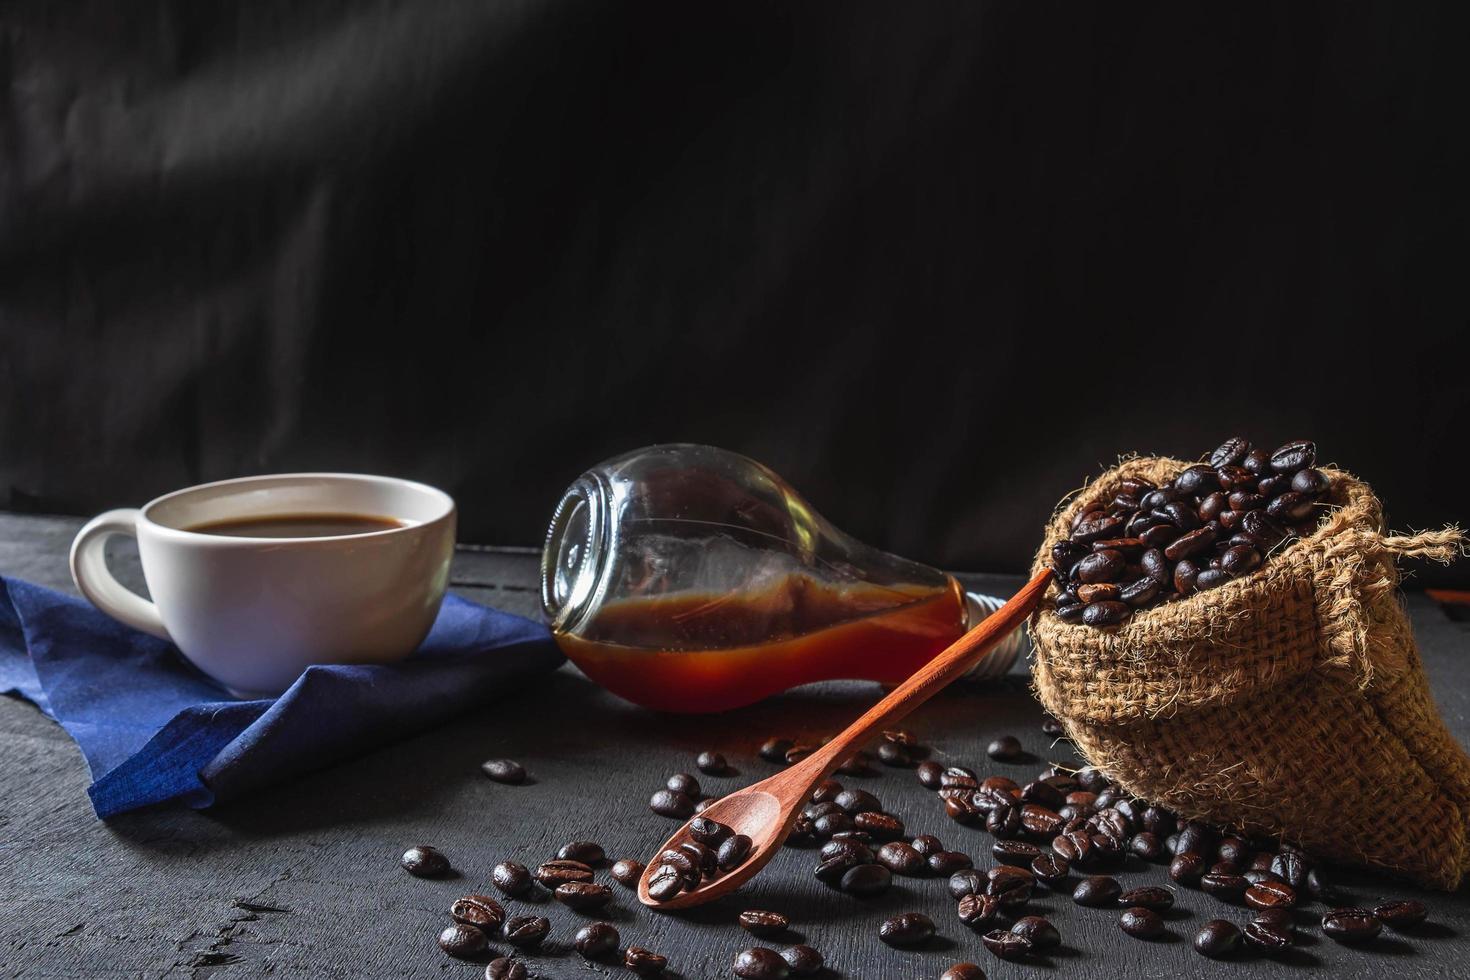 café chaud et grains de café crus photo